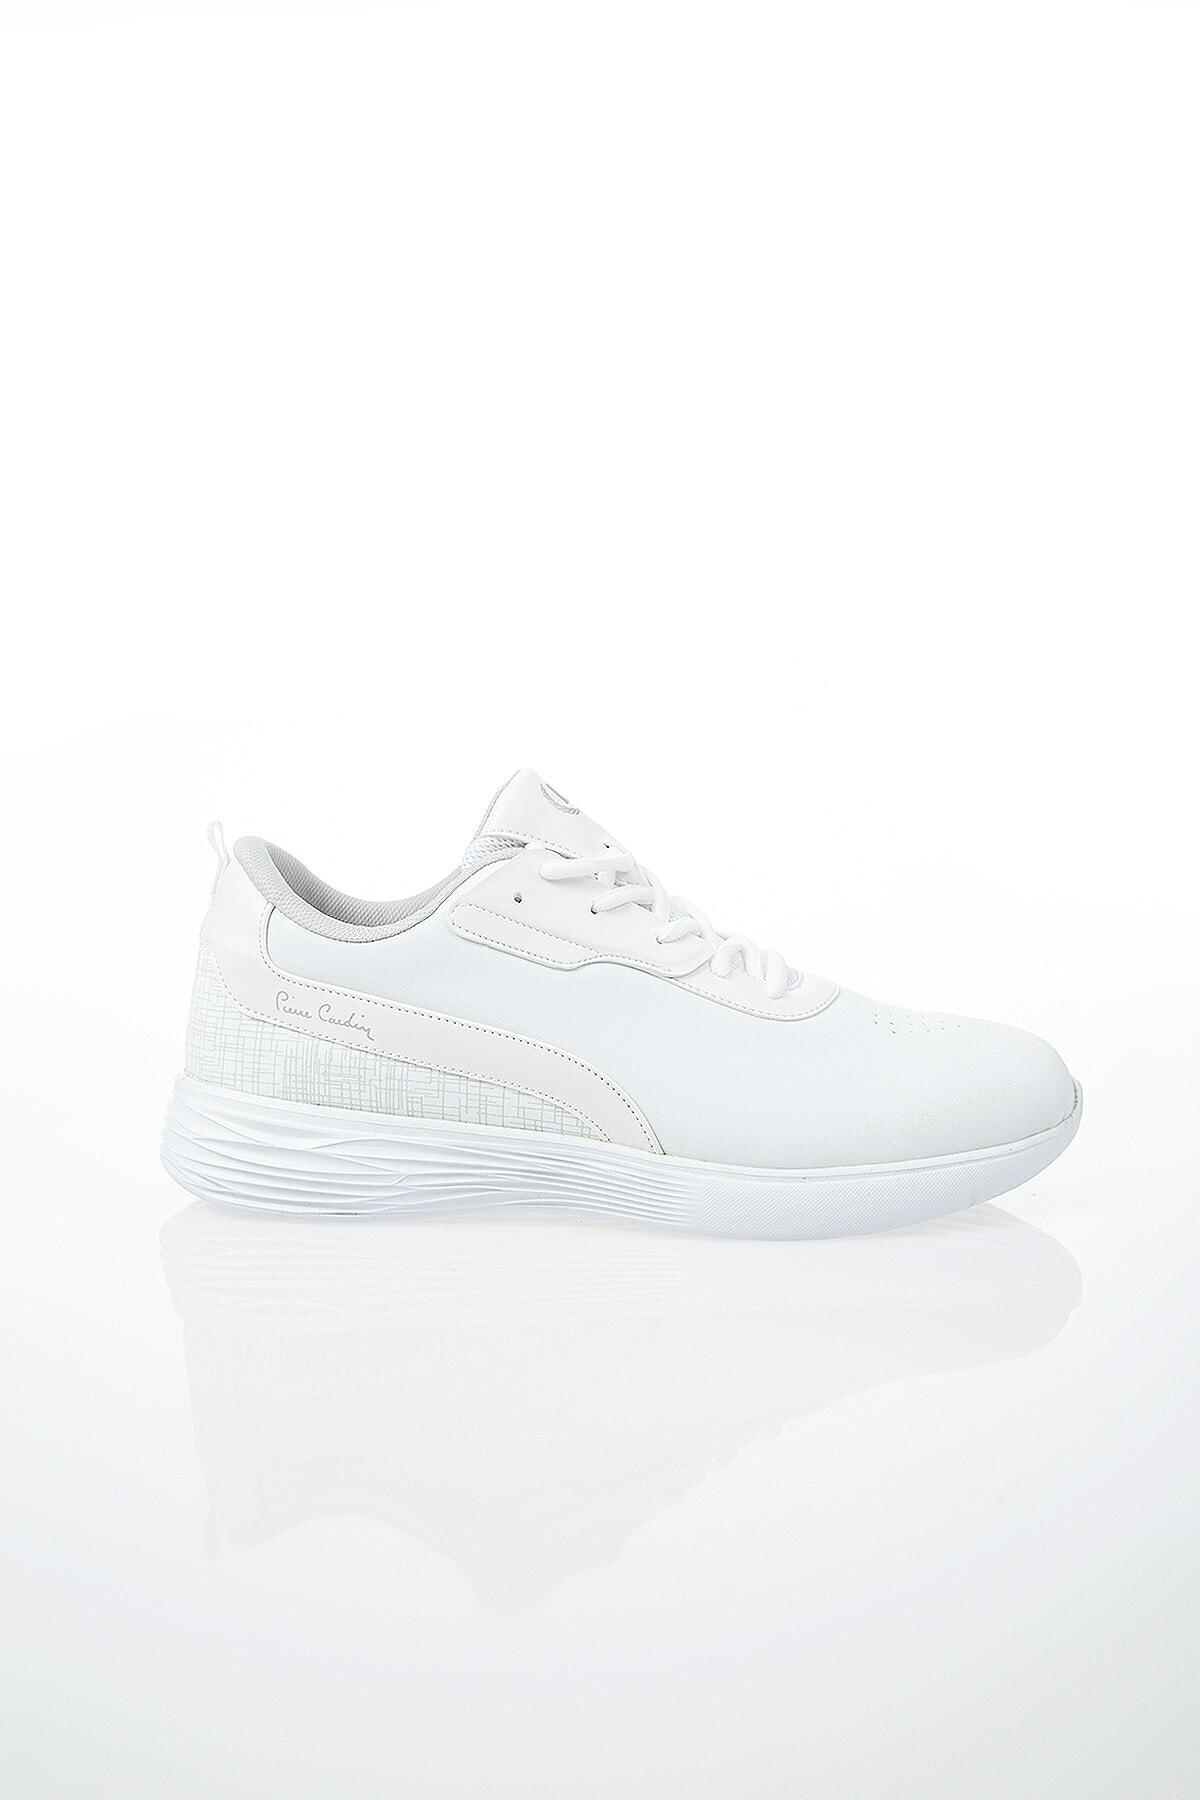 Pierre Cardin PC-30492 Beyaz Erkek Spor Ayakkabı 1